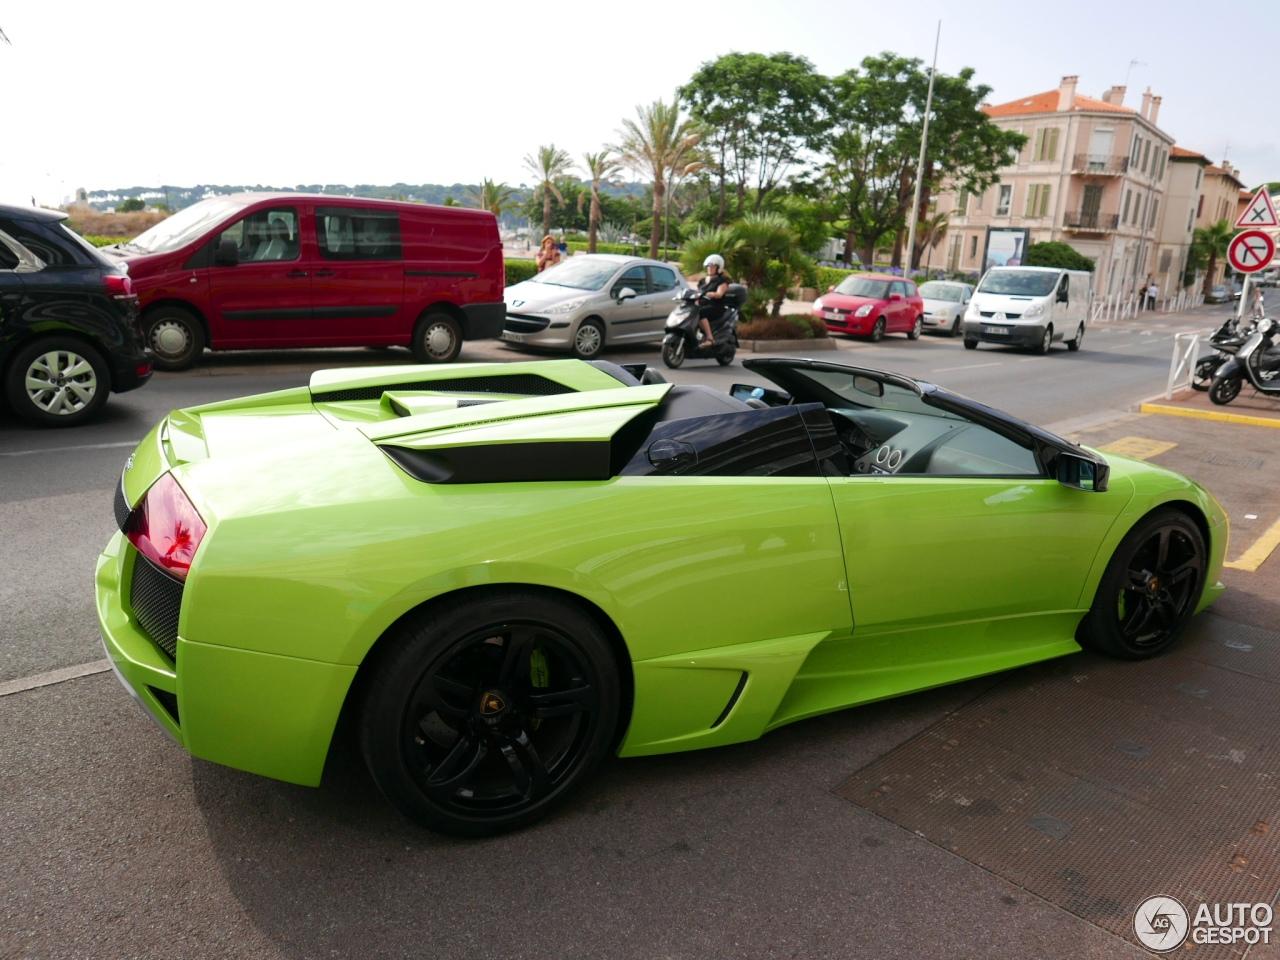 2009 Lamborghini Murcielago Lp640 Roadster Car Pictures